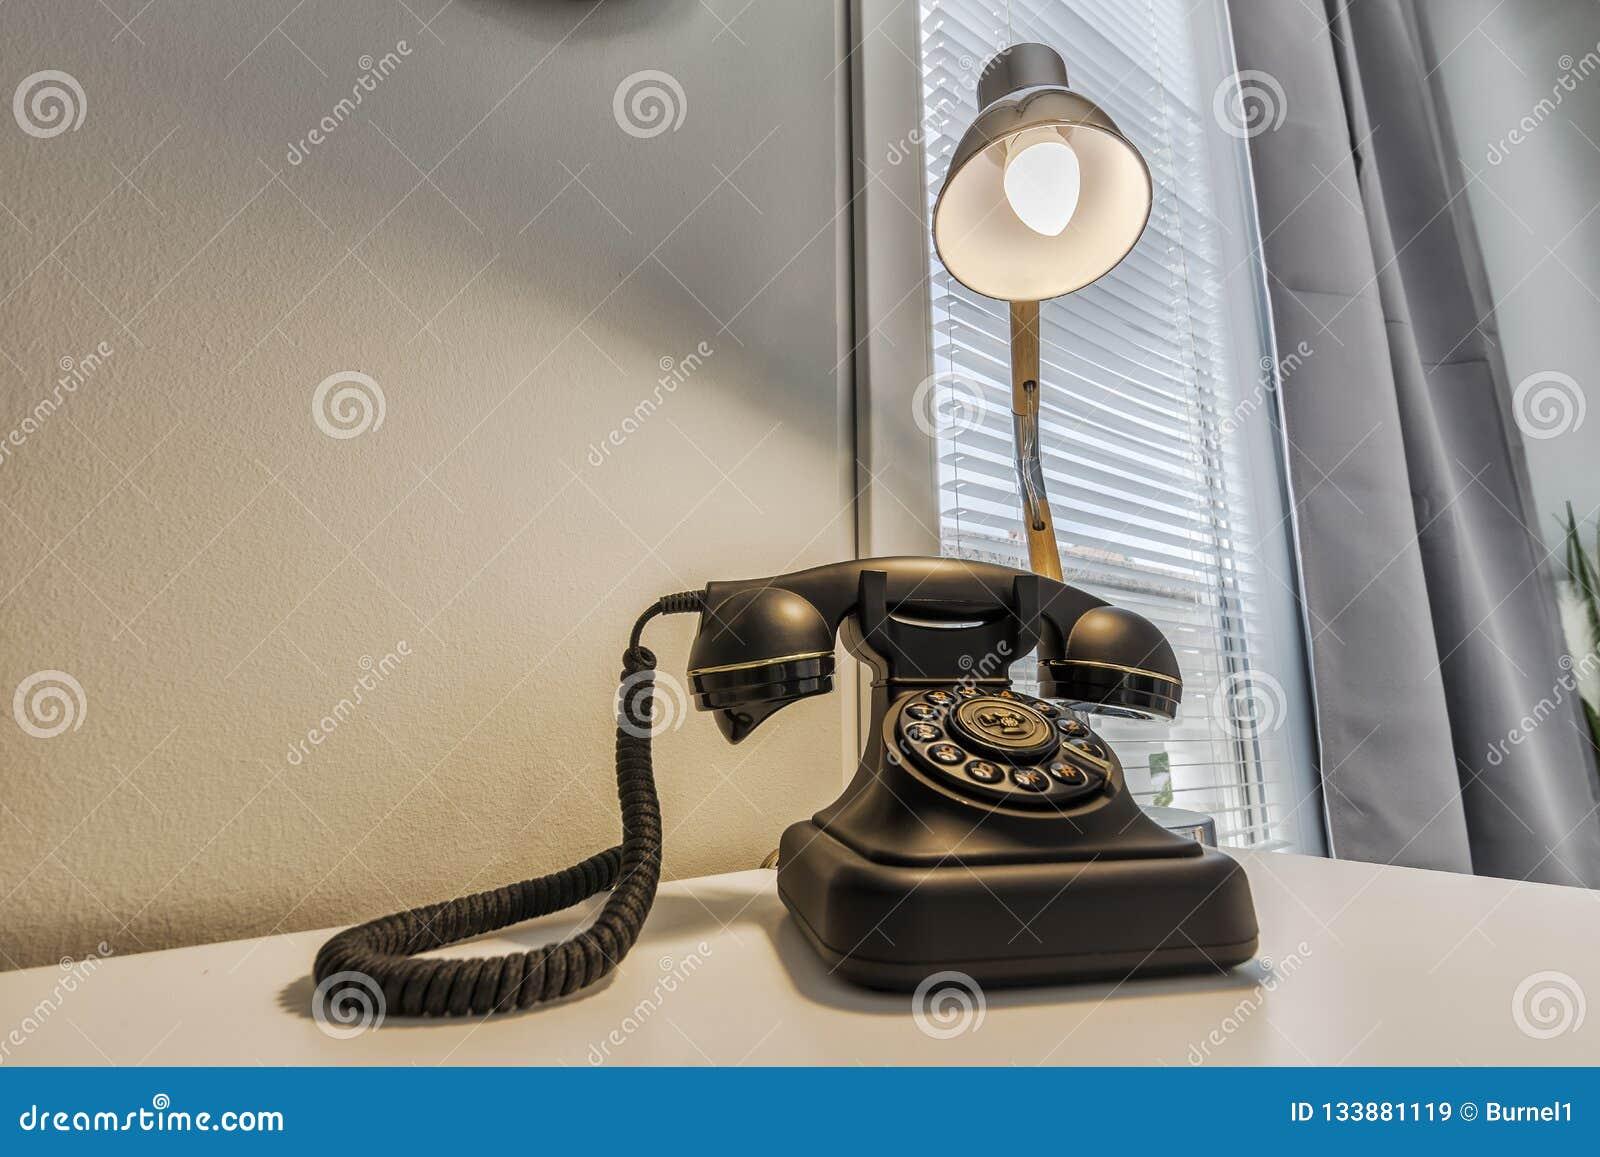 Telefoon en lamp